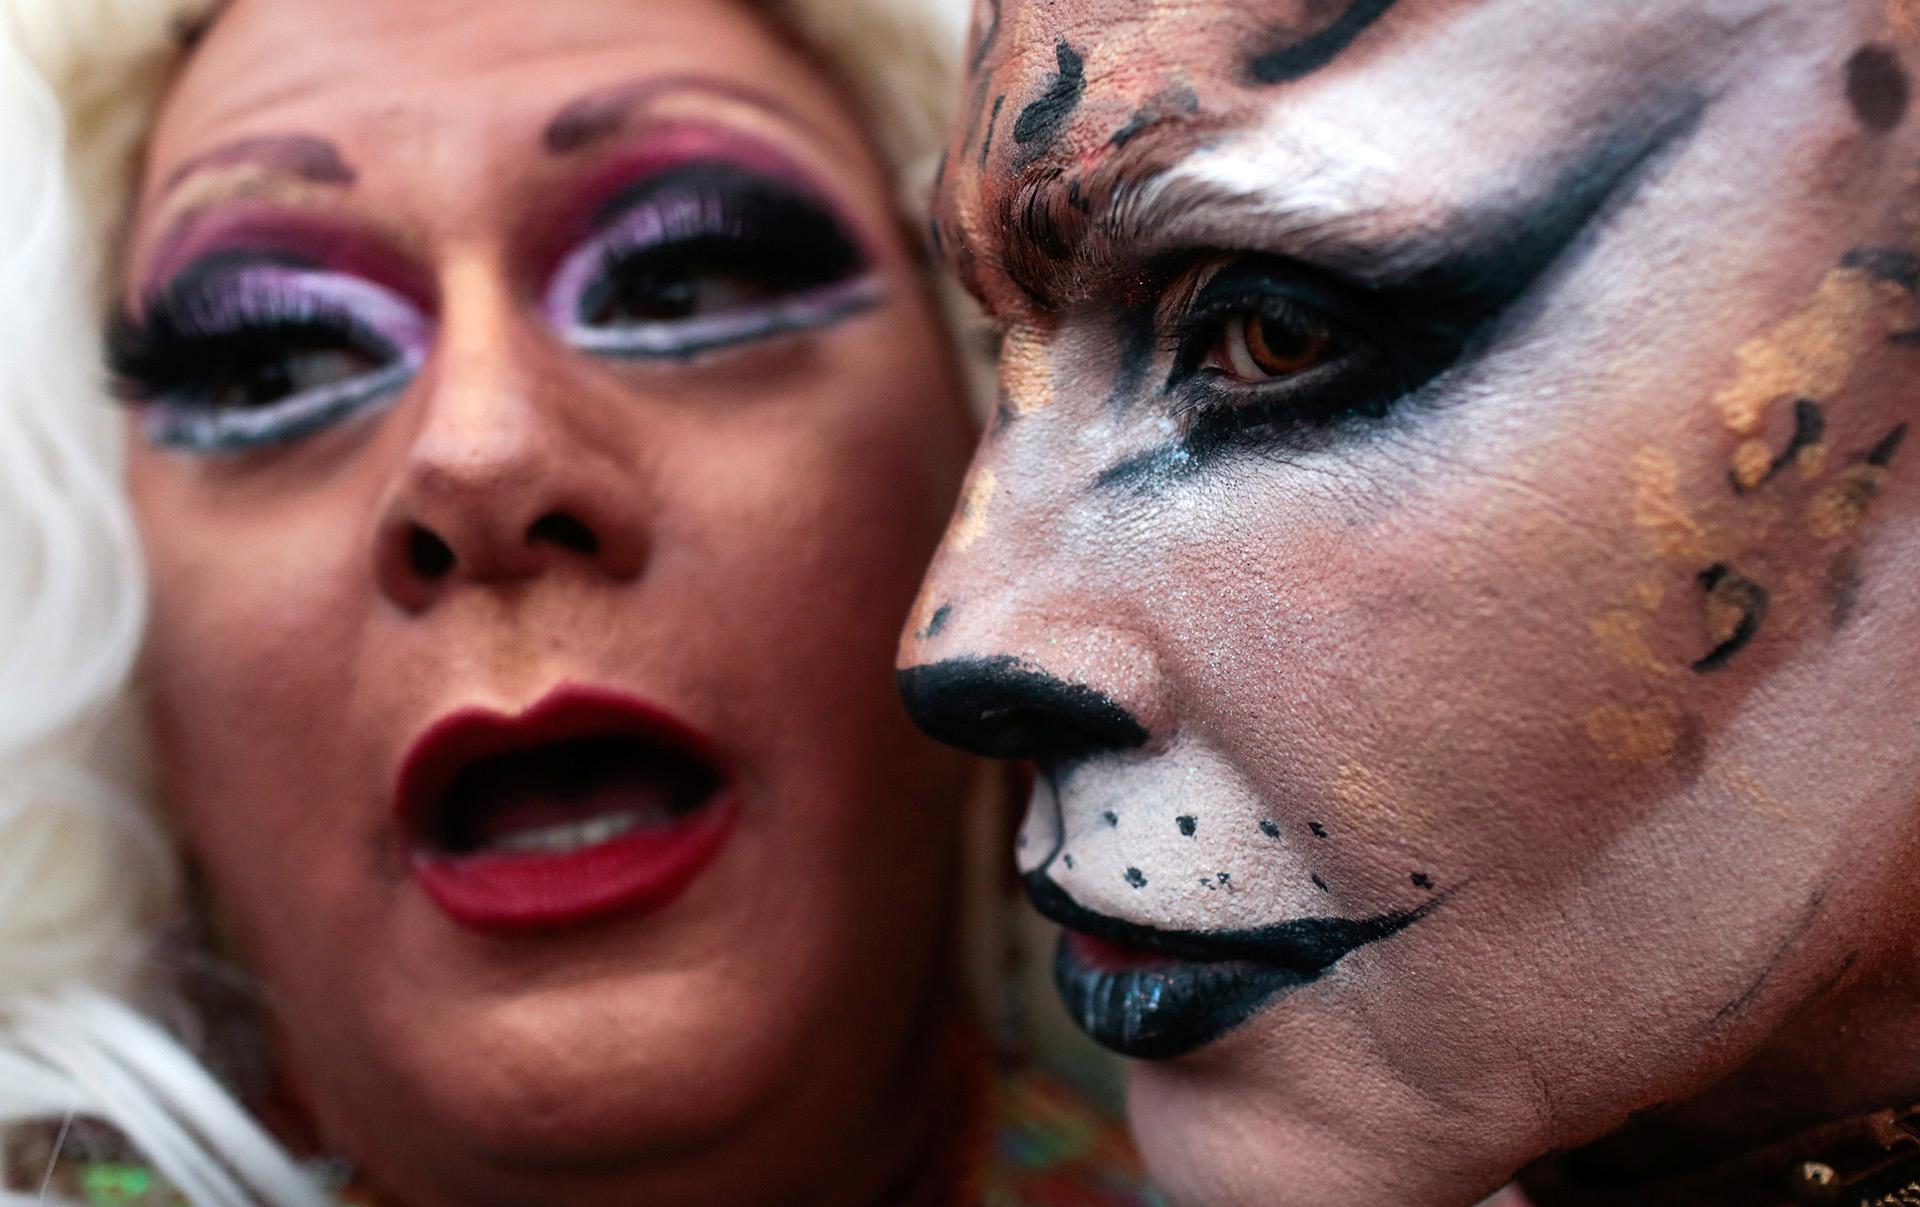 Algunos se pintaron y vistieron atuendos coloridos para celebrar. REUTERS/Ian Cheibub